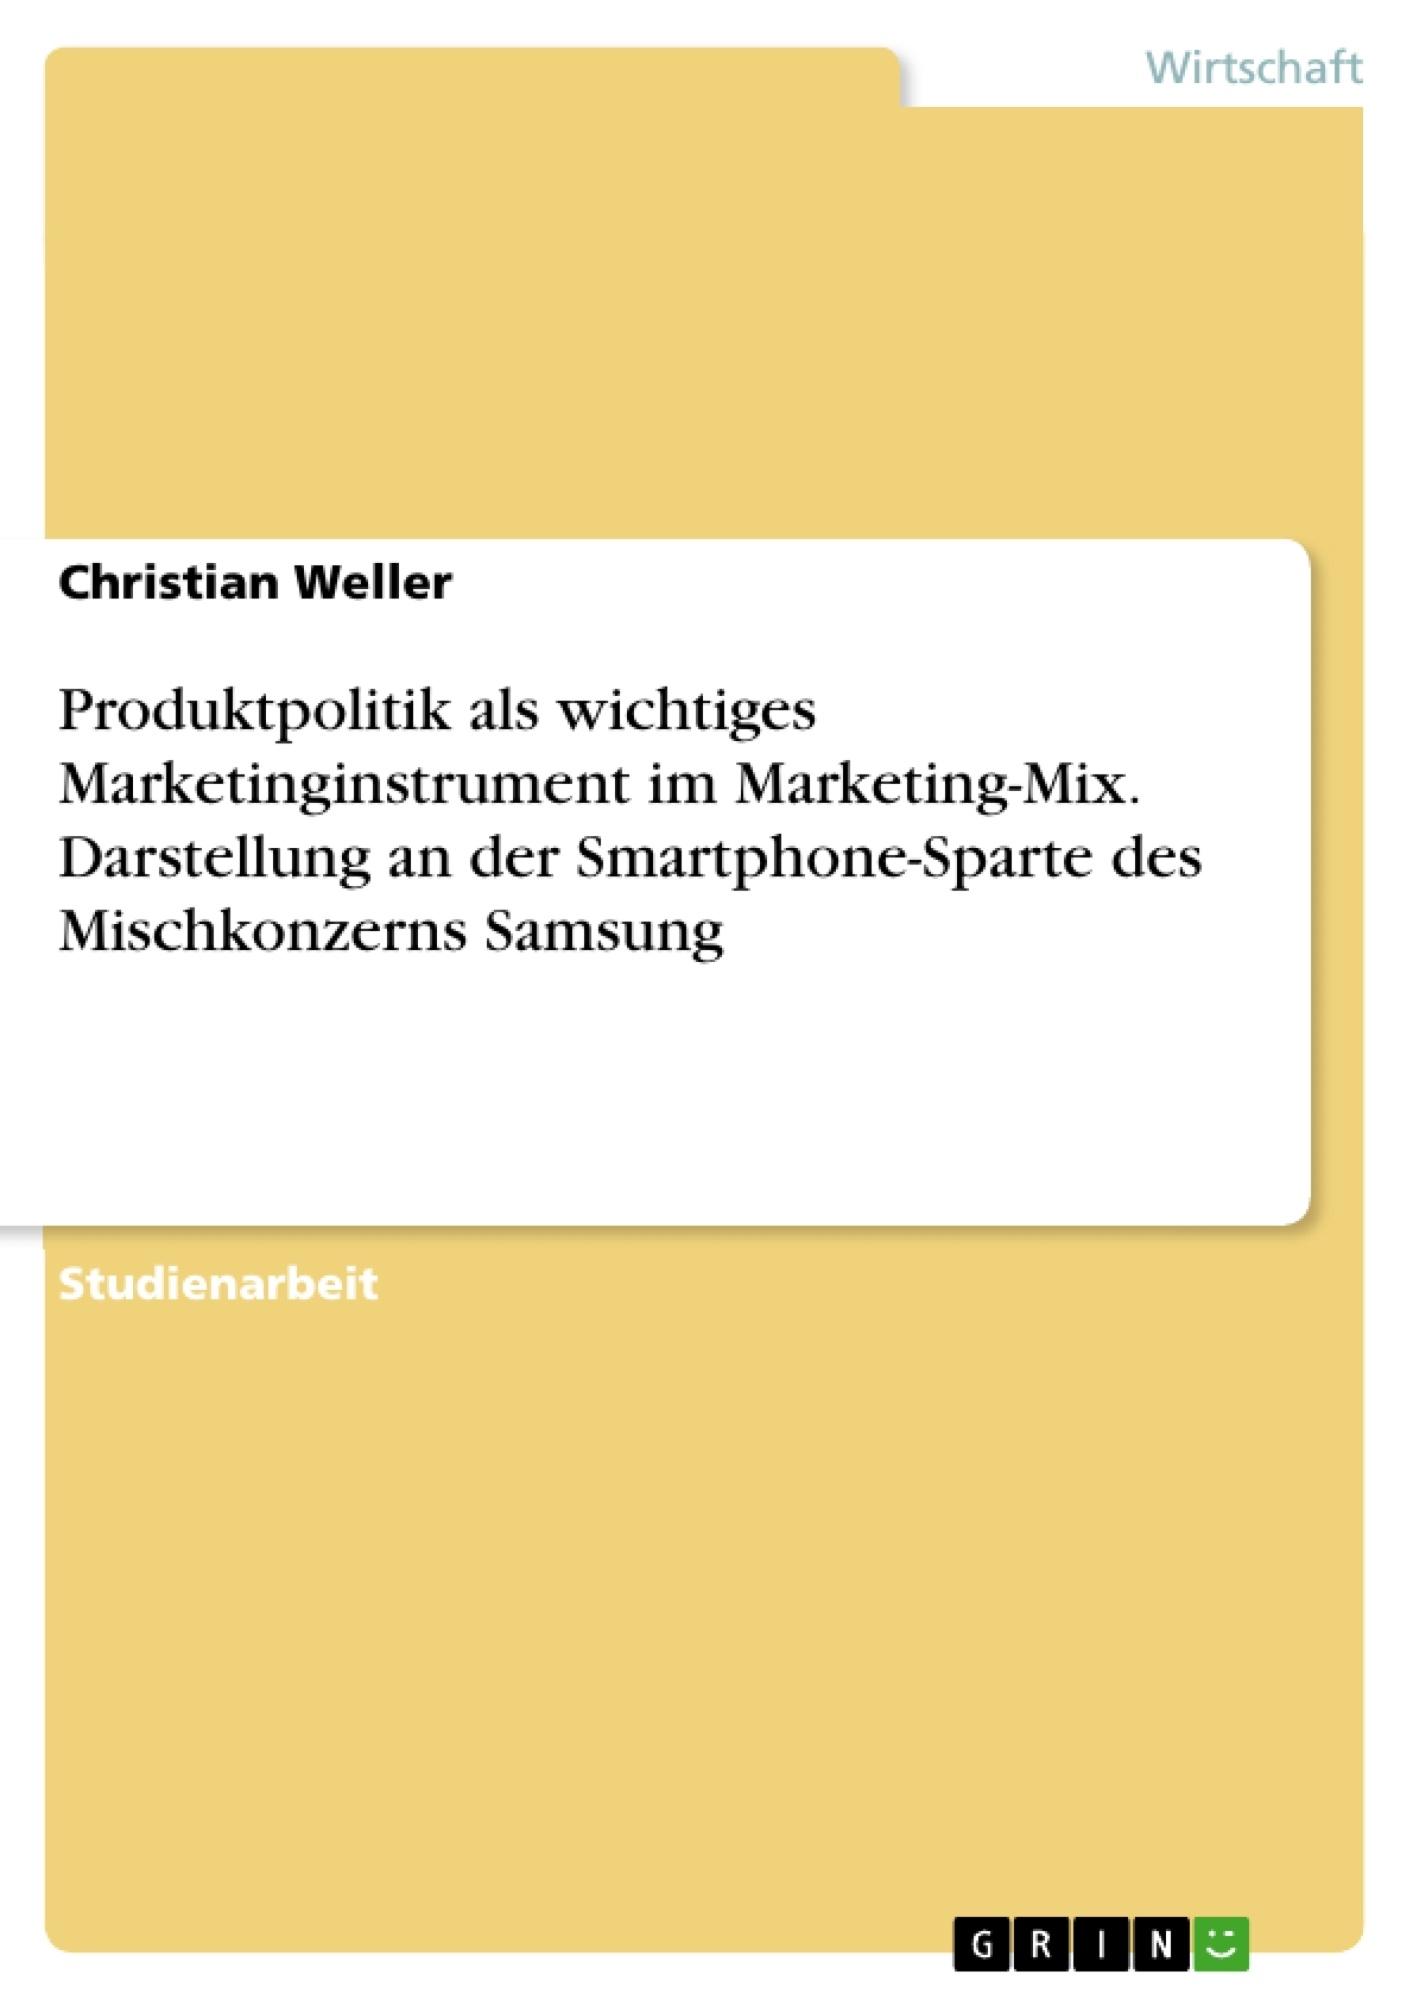 Titel: Produktpolitik als wichtiges Marketinginstrument im Marketing-Mix. Darstellung an der Smartphone-Sparte des Mischkonzerns Samsung